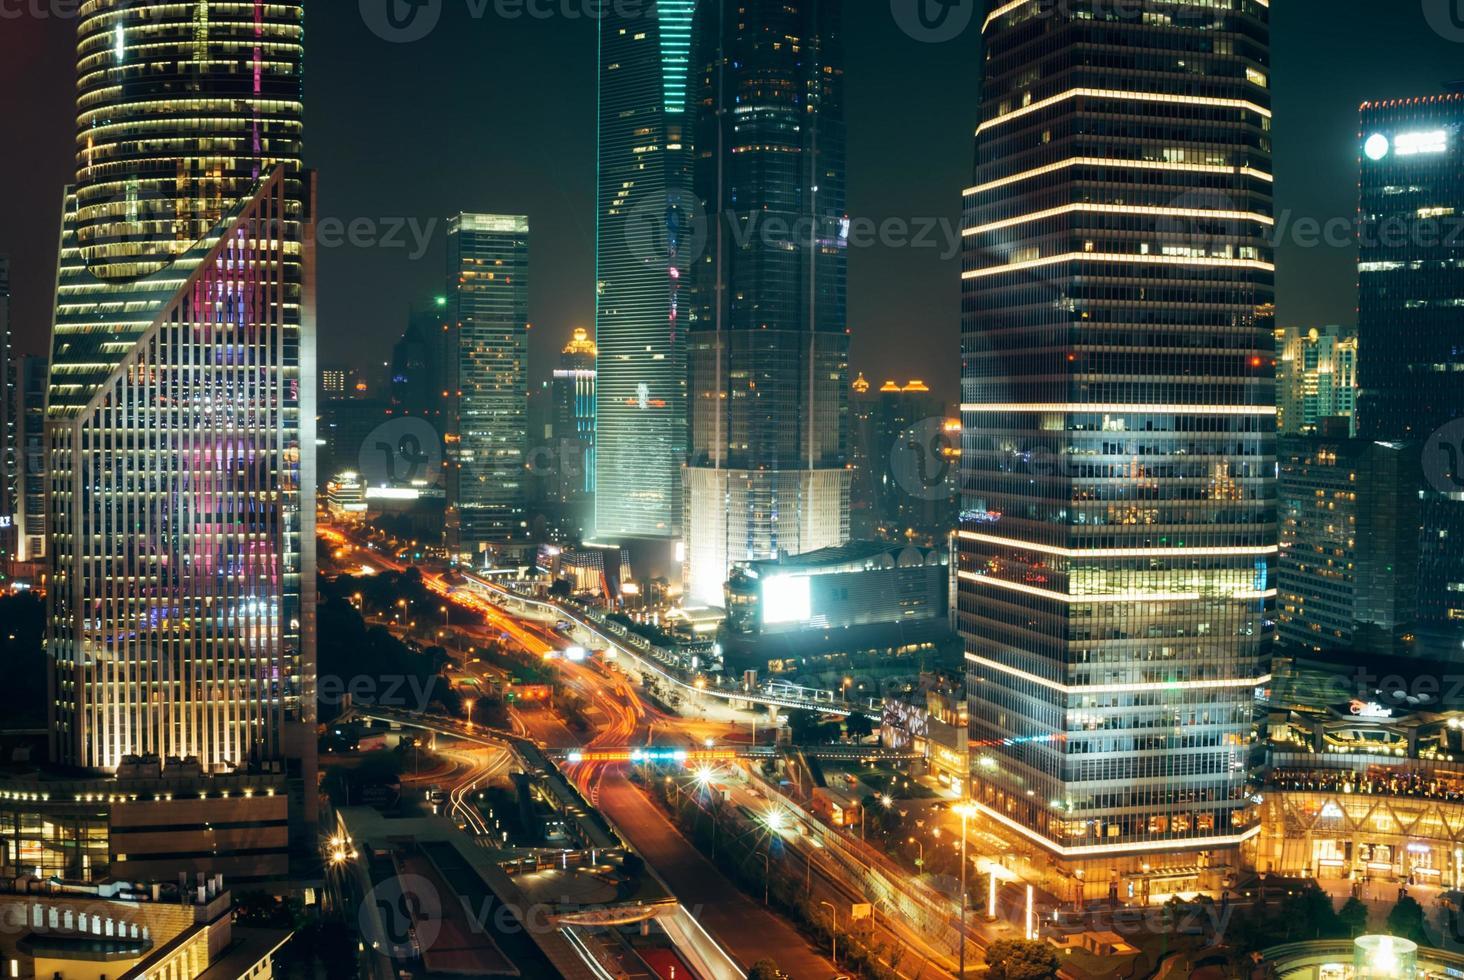 trafikljus, skyskrapor i shanghai centrum på natten foto